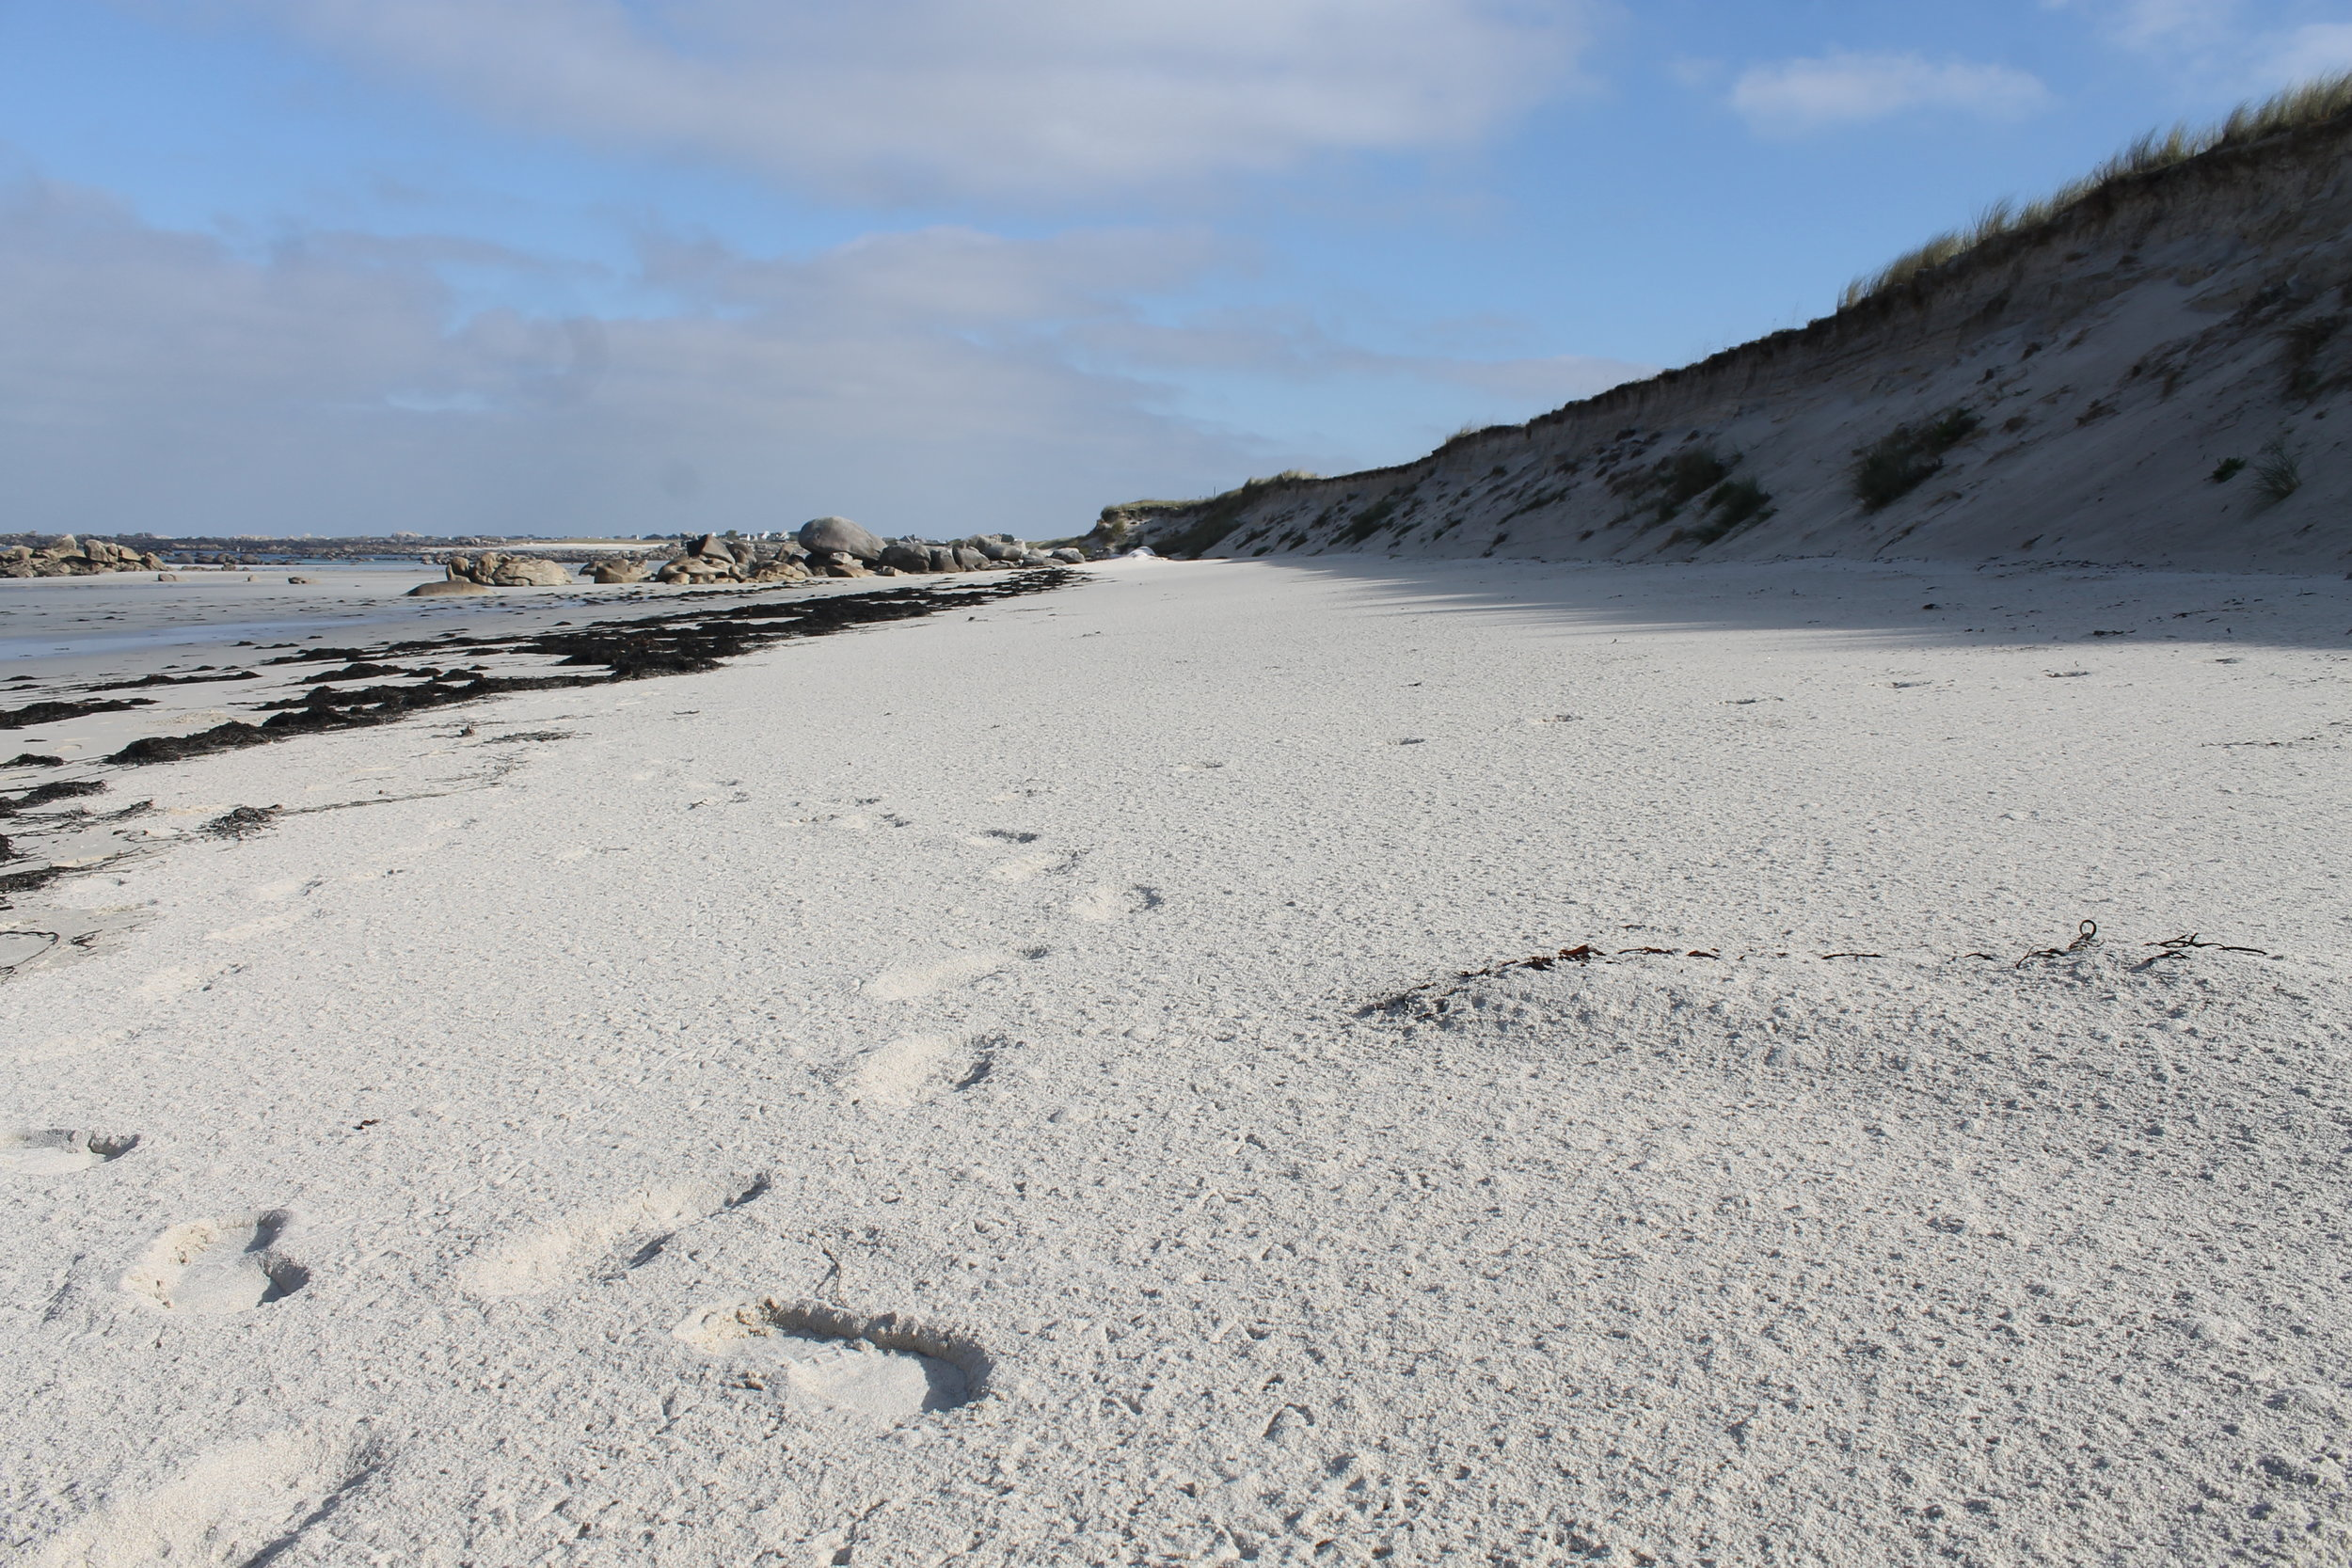 Pristine white sands